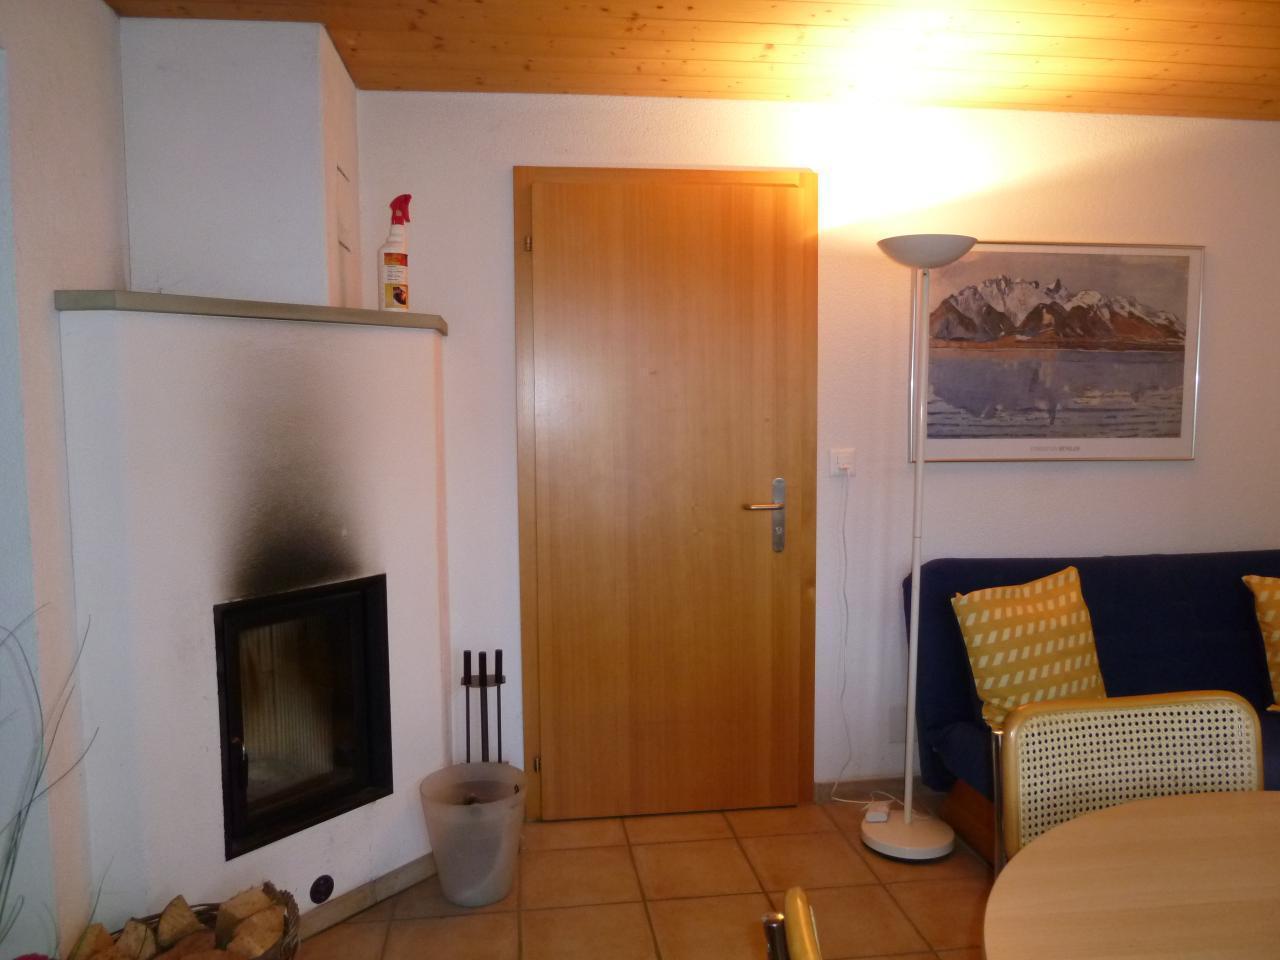 Appartement de vacances 2-Zimmer Wohnung im Ferienparadies Kandertal (2385249), Kandergrund, Adelboden - Frutigen - Kandersteg, Oberland bernois, Suisse, image 8